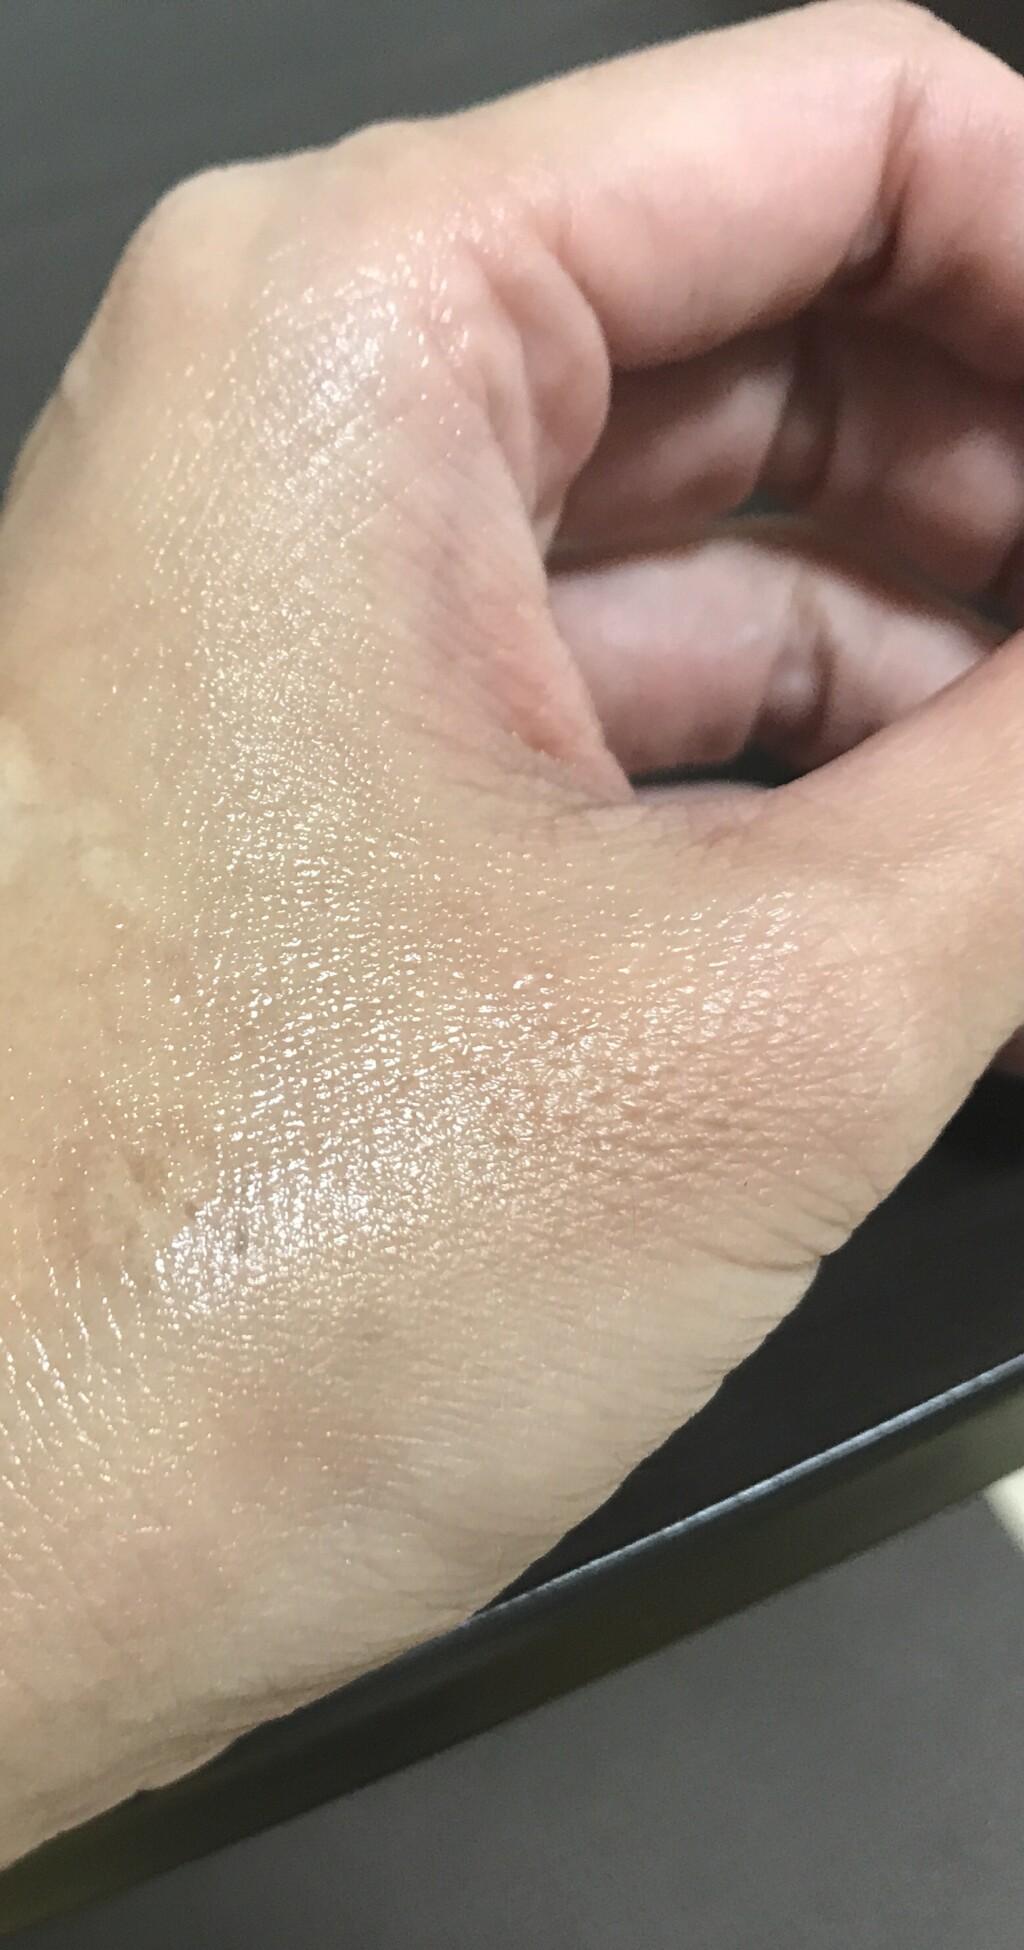 ナールスピュア化粧水を手の甲になじませた画像